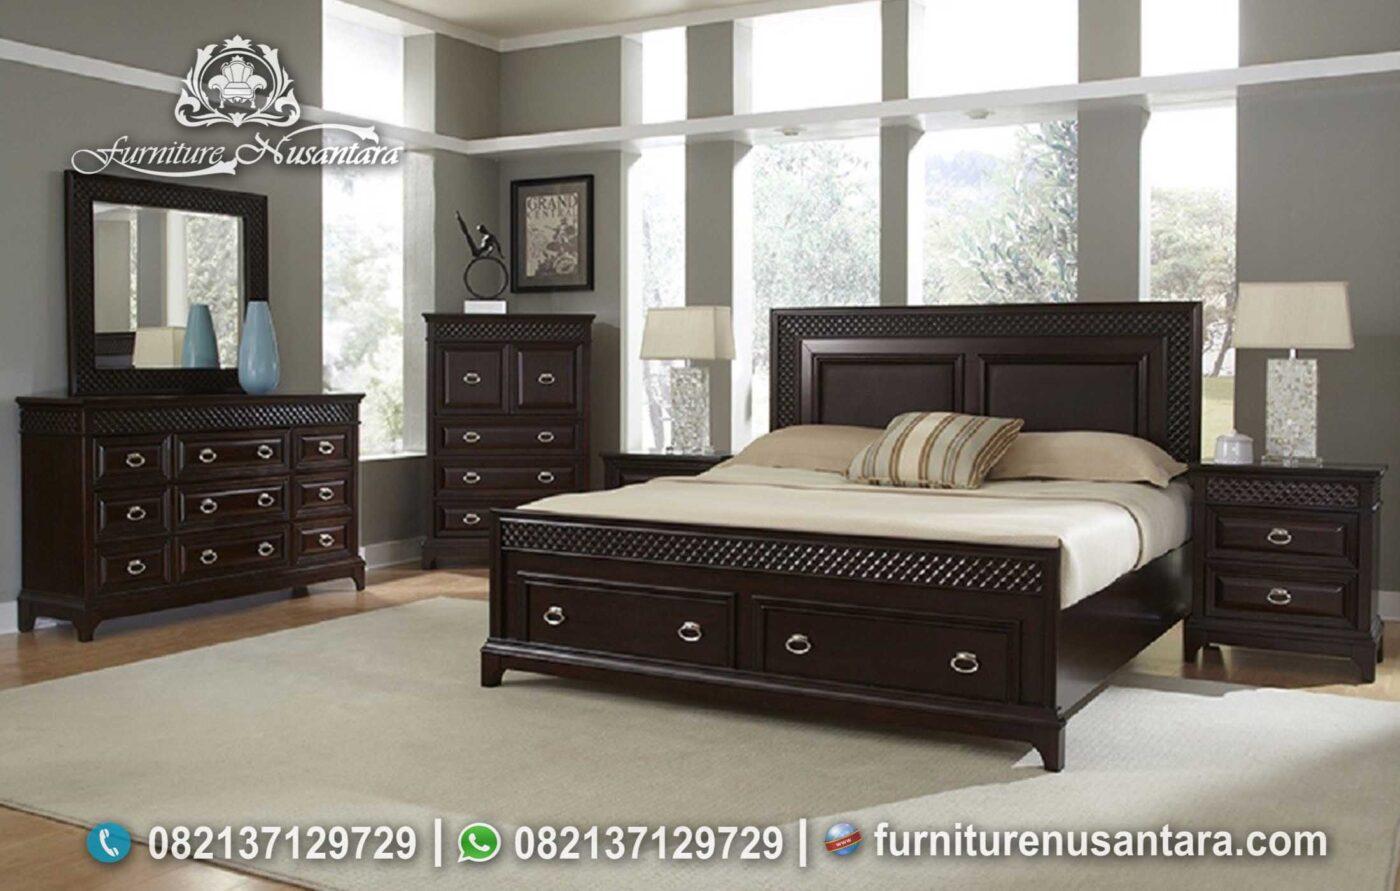 Desain Terbaru Kamar Minimalis Berkelas KS-214, Furniture Nusantara